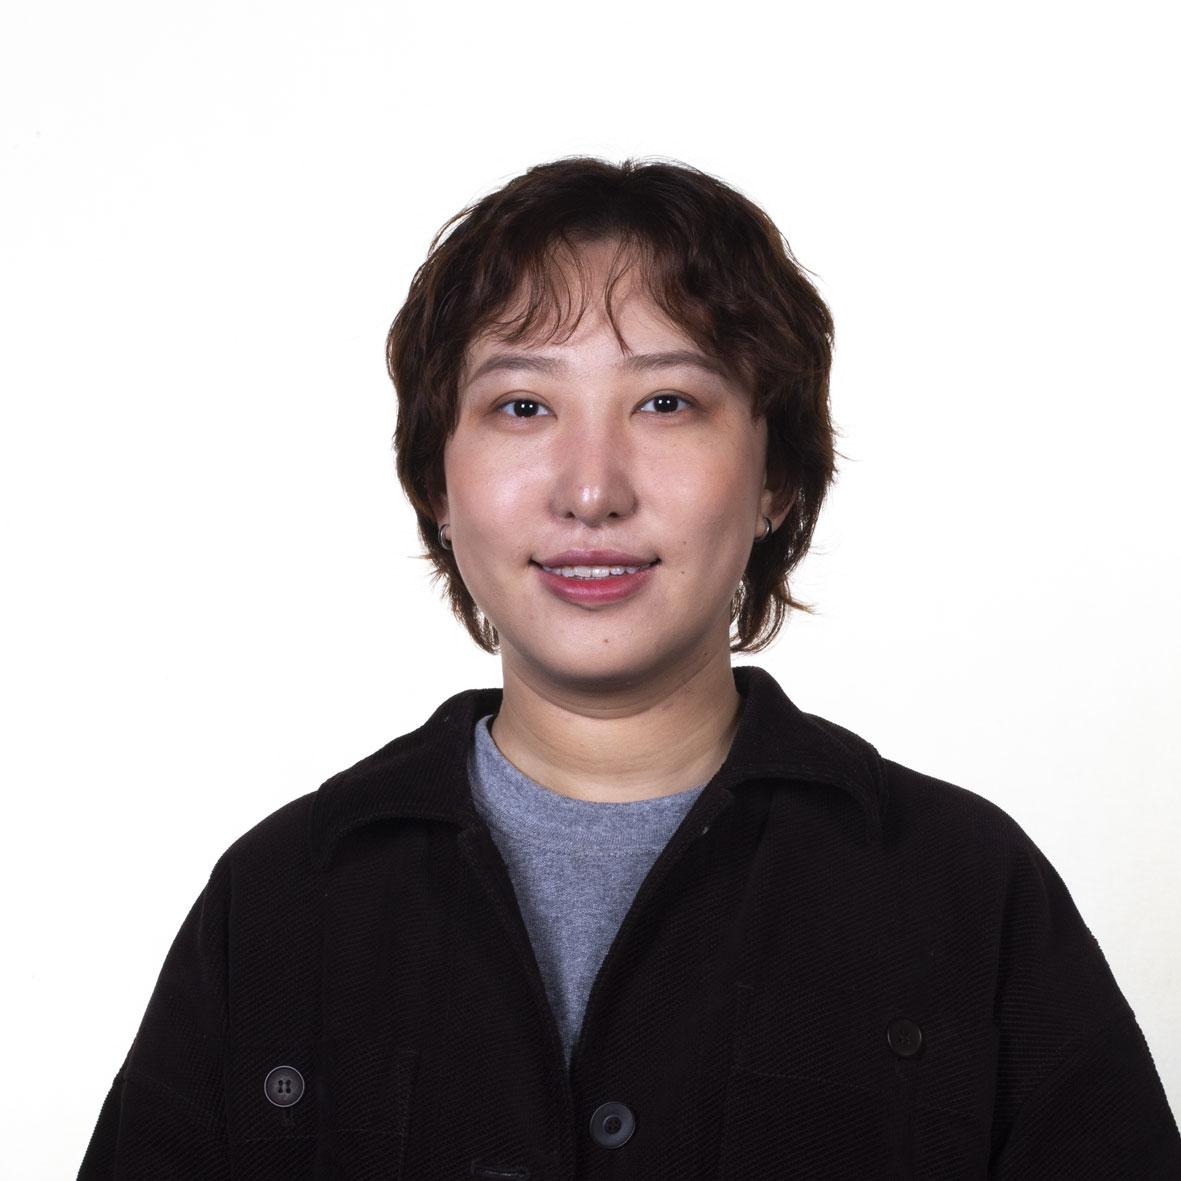 Jiafu Han